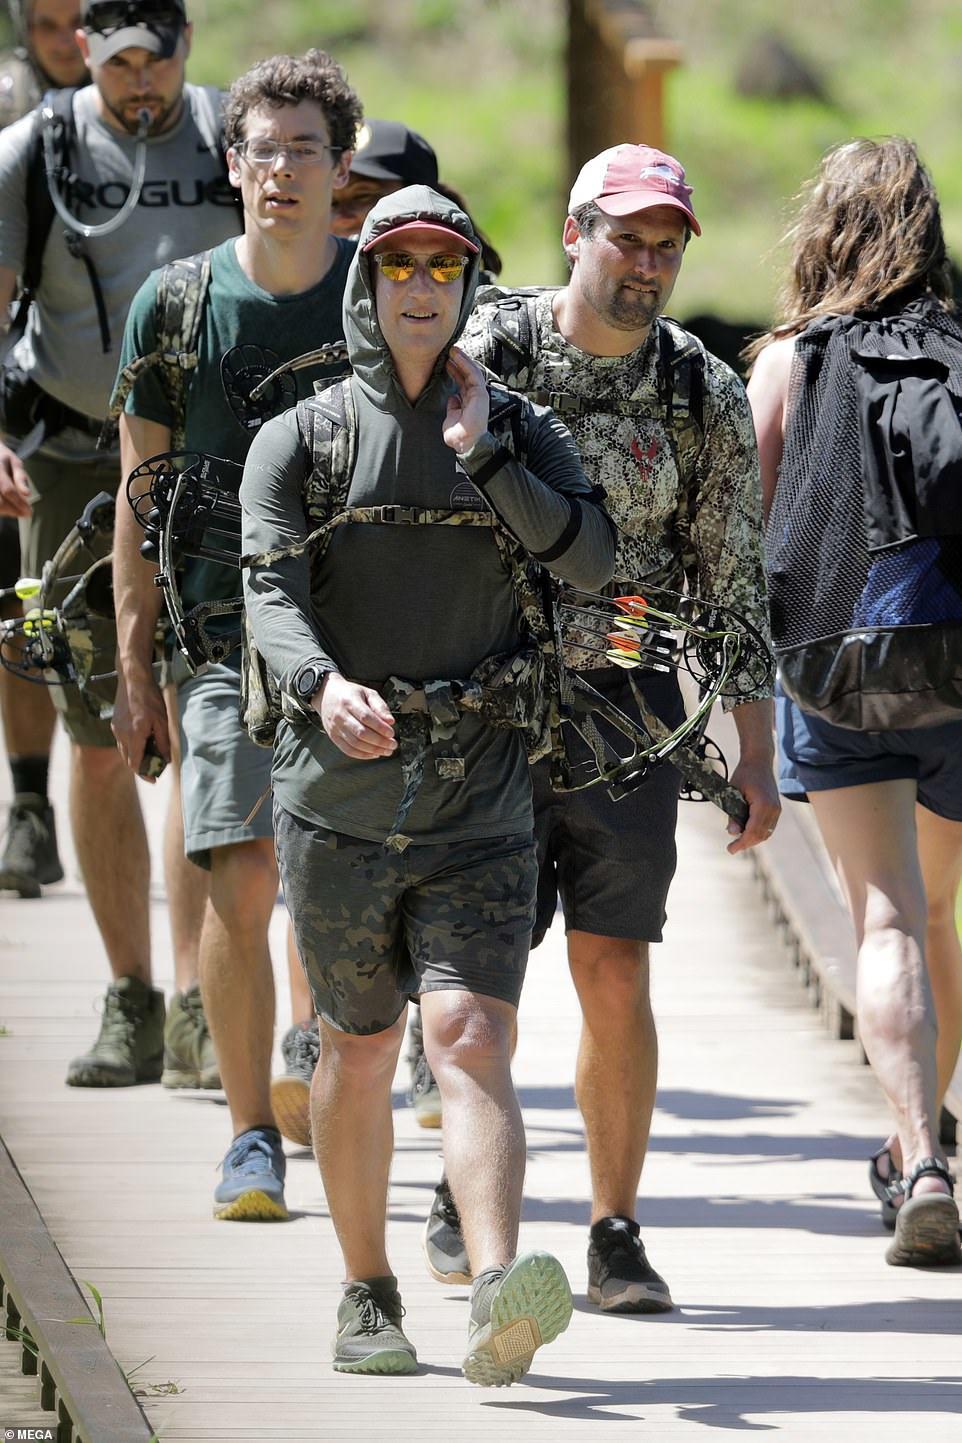 Không đến văn phòng, Mark Zuckerberg 'lên đồ' vào rừng săn bắn